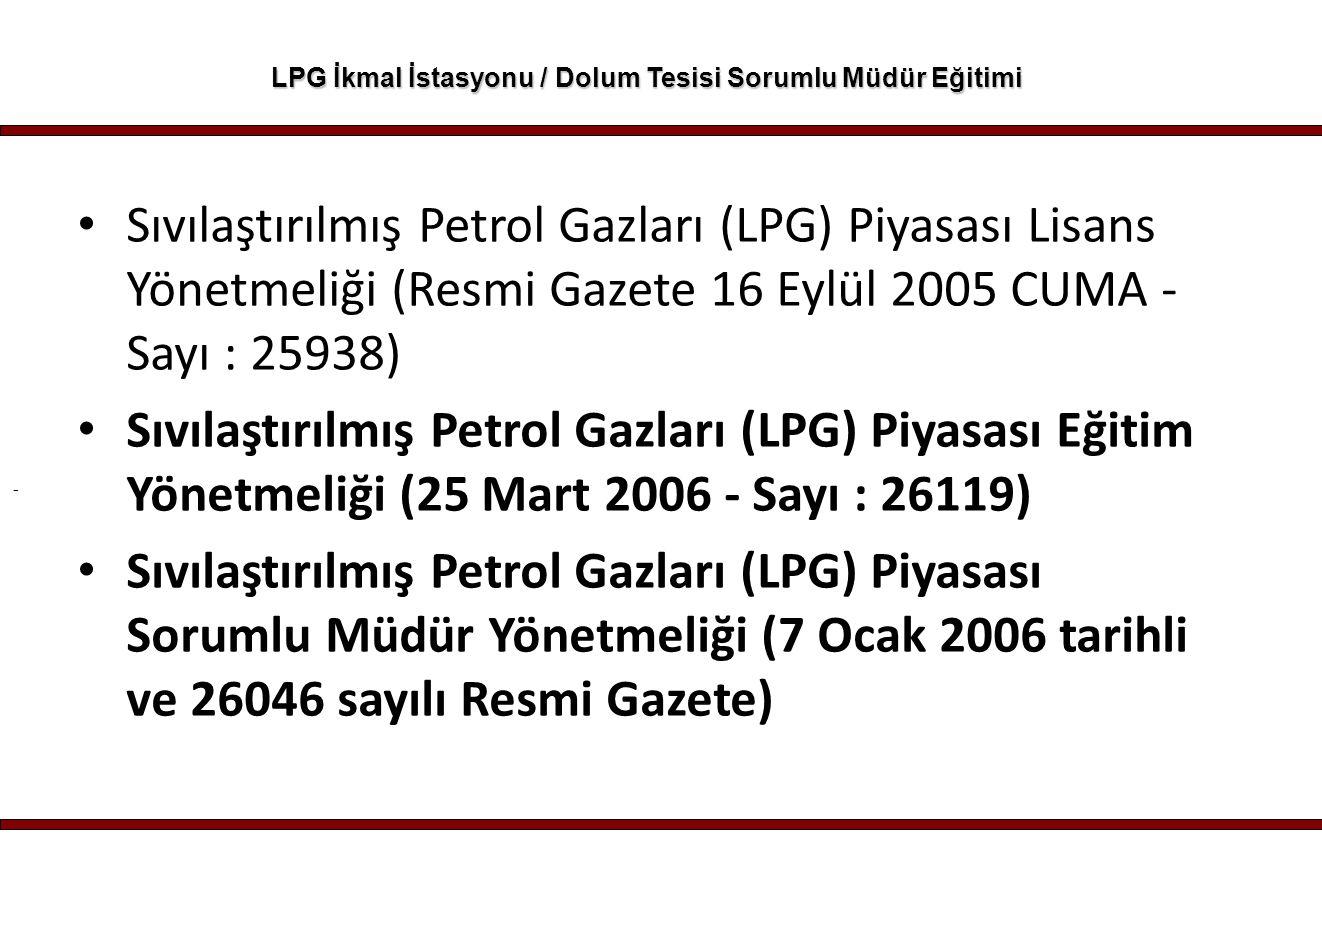 - LPG İkmal İstasyonu / Dolum Tesisi Sorumlu Müdür Eğitimi Eğitim LPG Otogaz İstasyonu veya Dolum Tesisi Sorumlu Müdür Eğitimi içeriği aşağıdaki konulardan oluşur: A) LPG Piyasası ile İlgili Hukuki Düzenlemeler ve Genel Esasları 1) LPG İle İlgili Mevzuat 2) TMMOB, Oda Mevzuatı 3) Çevre Mevzuatı, LPG İstasyonlarında Çevre Yönetimi Uygulamaları 4) Sorumlu Müdürlüğün Yasal Boyutu, Hak, Yetki, Sorumluluklar